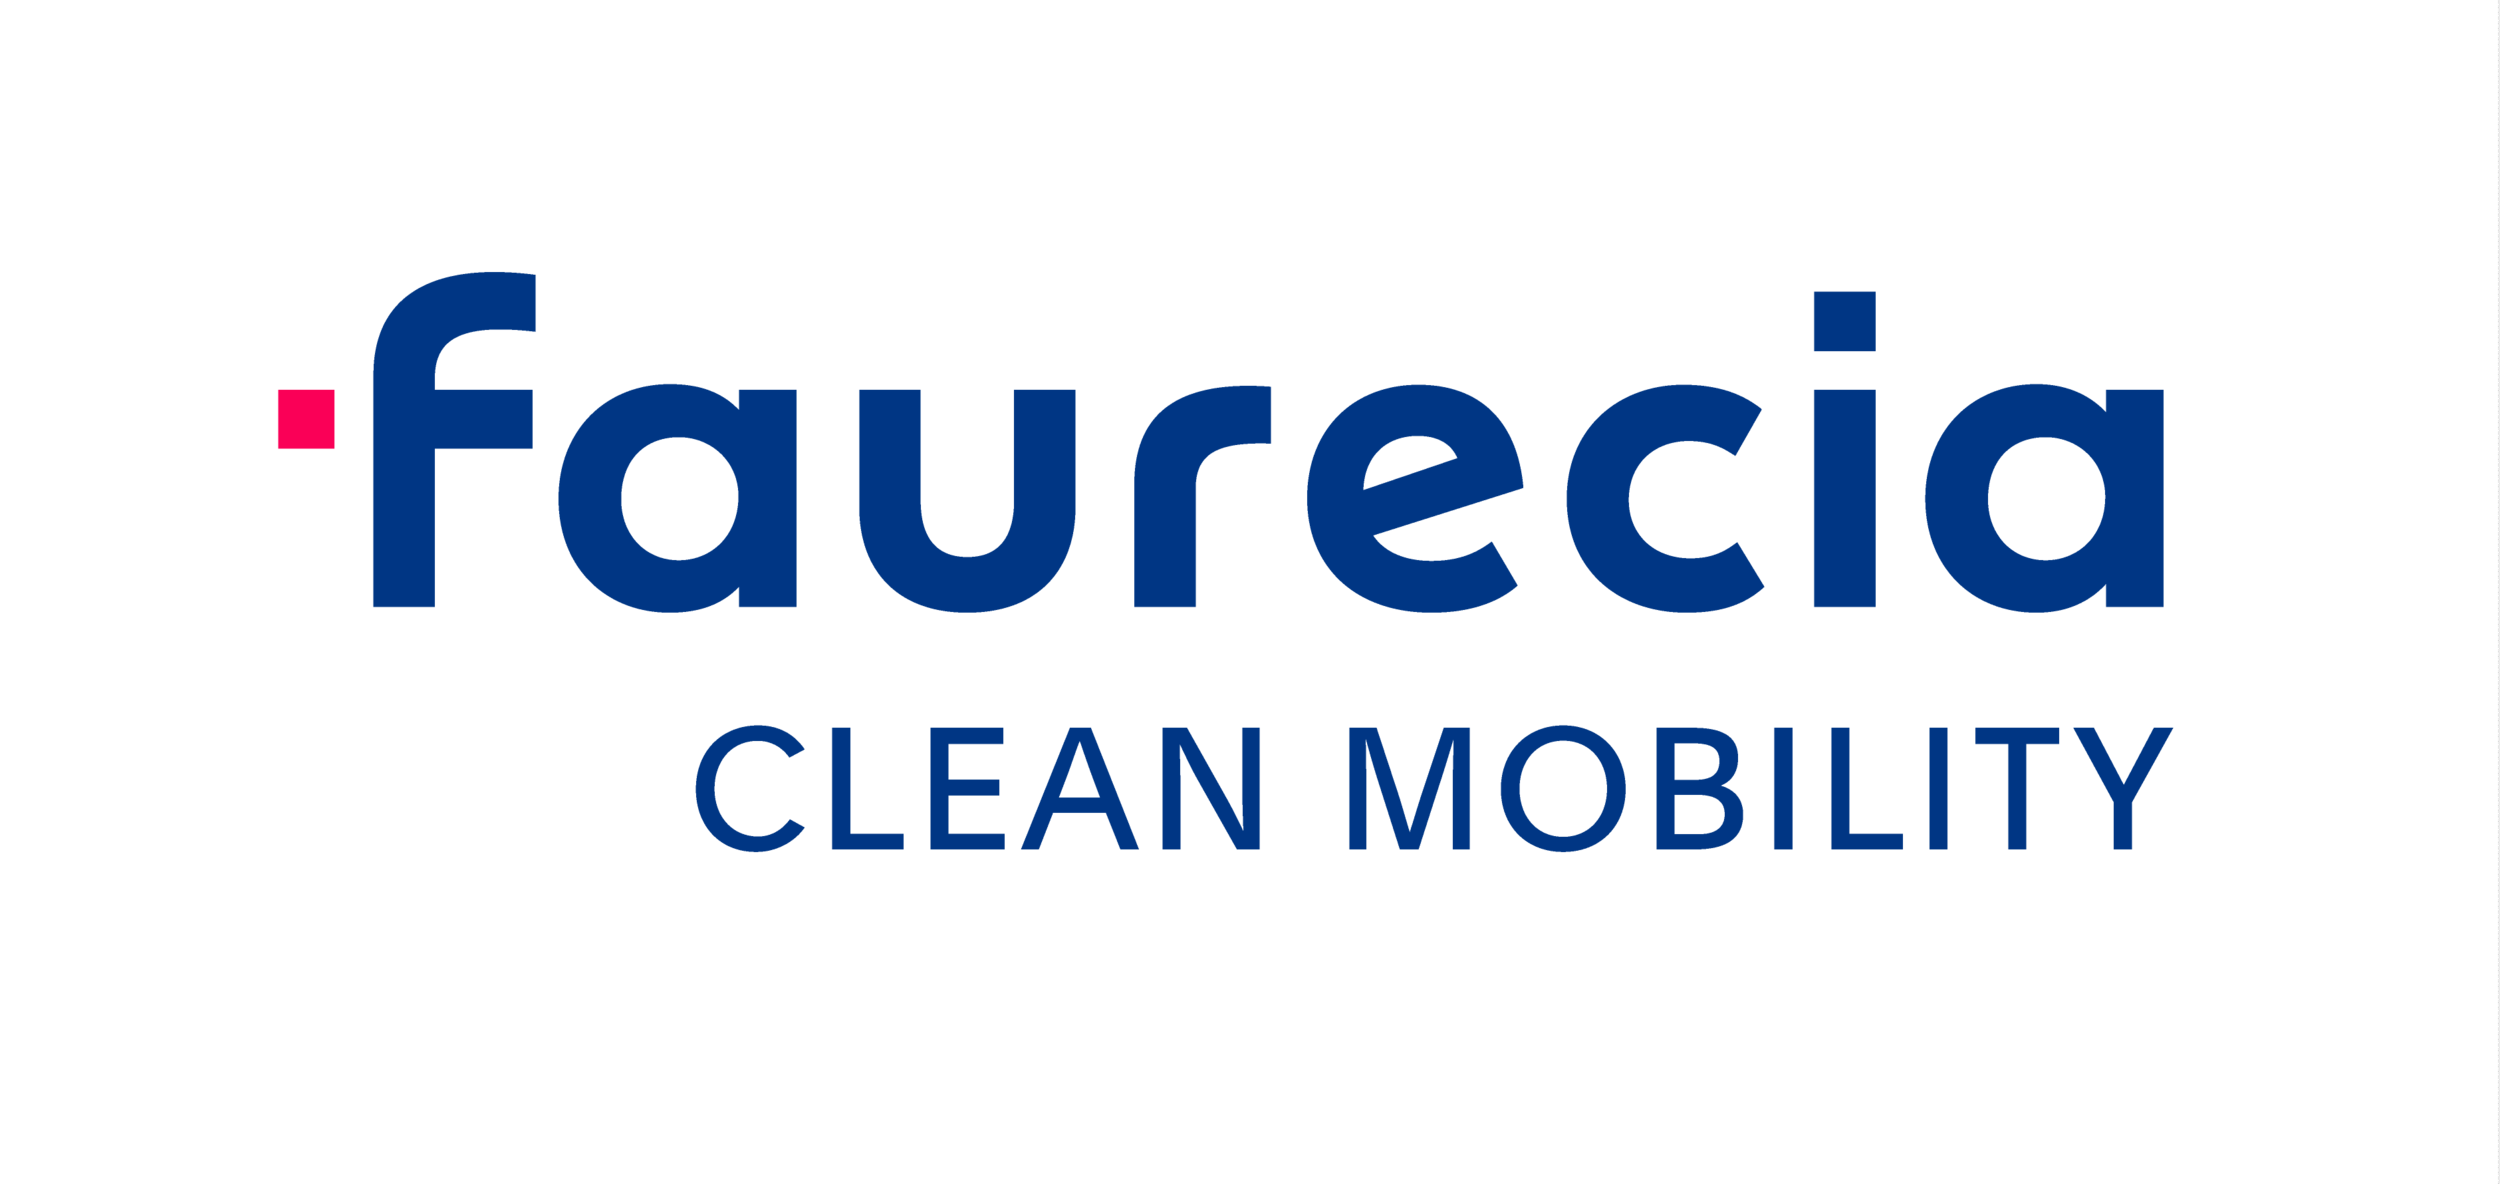 Faurecia_clean_mobility_logo-RVB.png